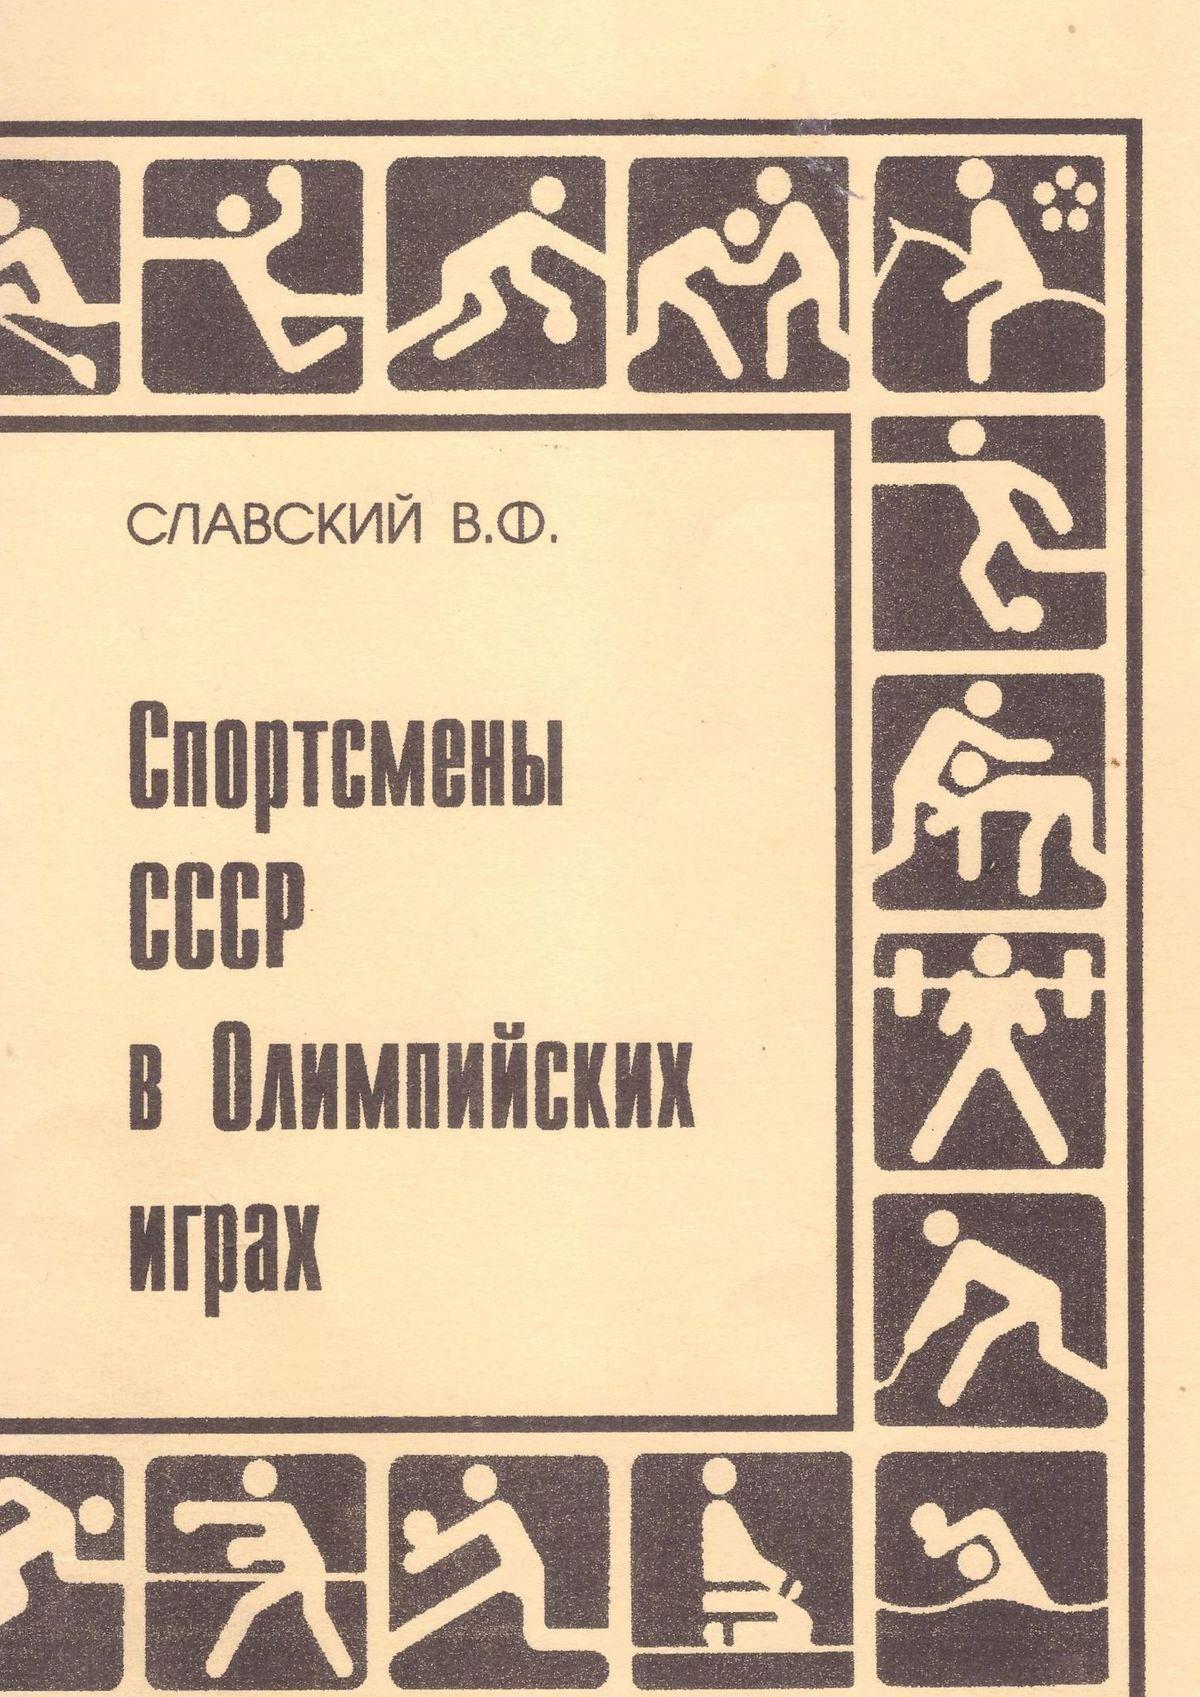 Спортсмены СССР вОлимпийских играх. Издание переработанное и дополненное